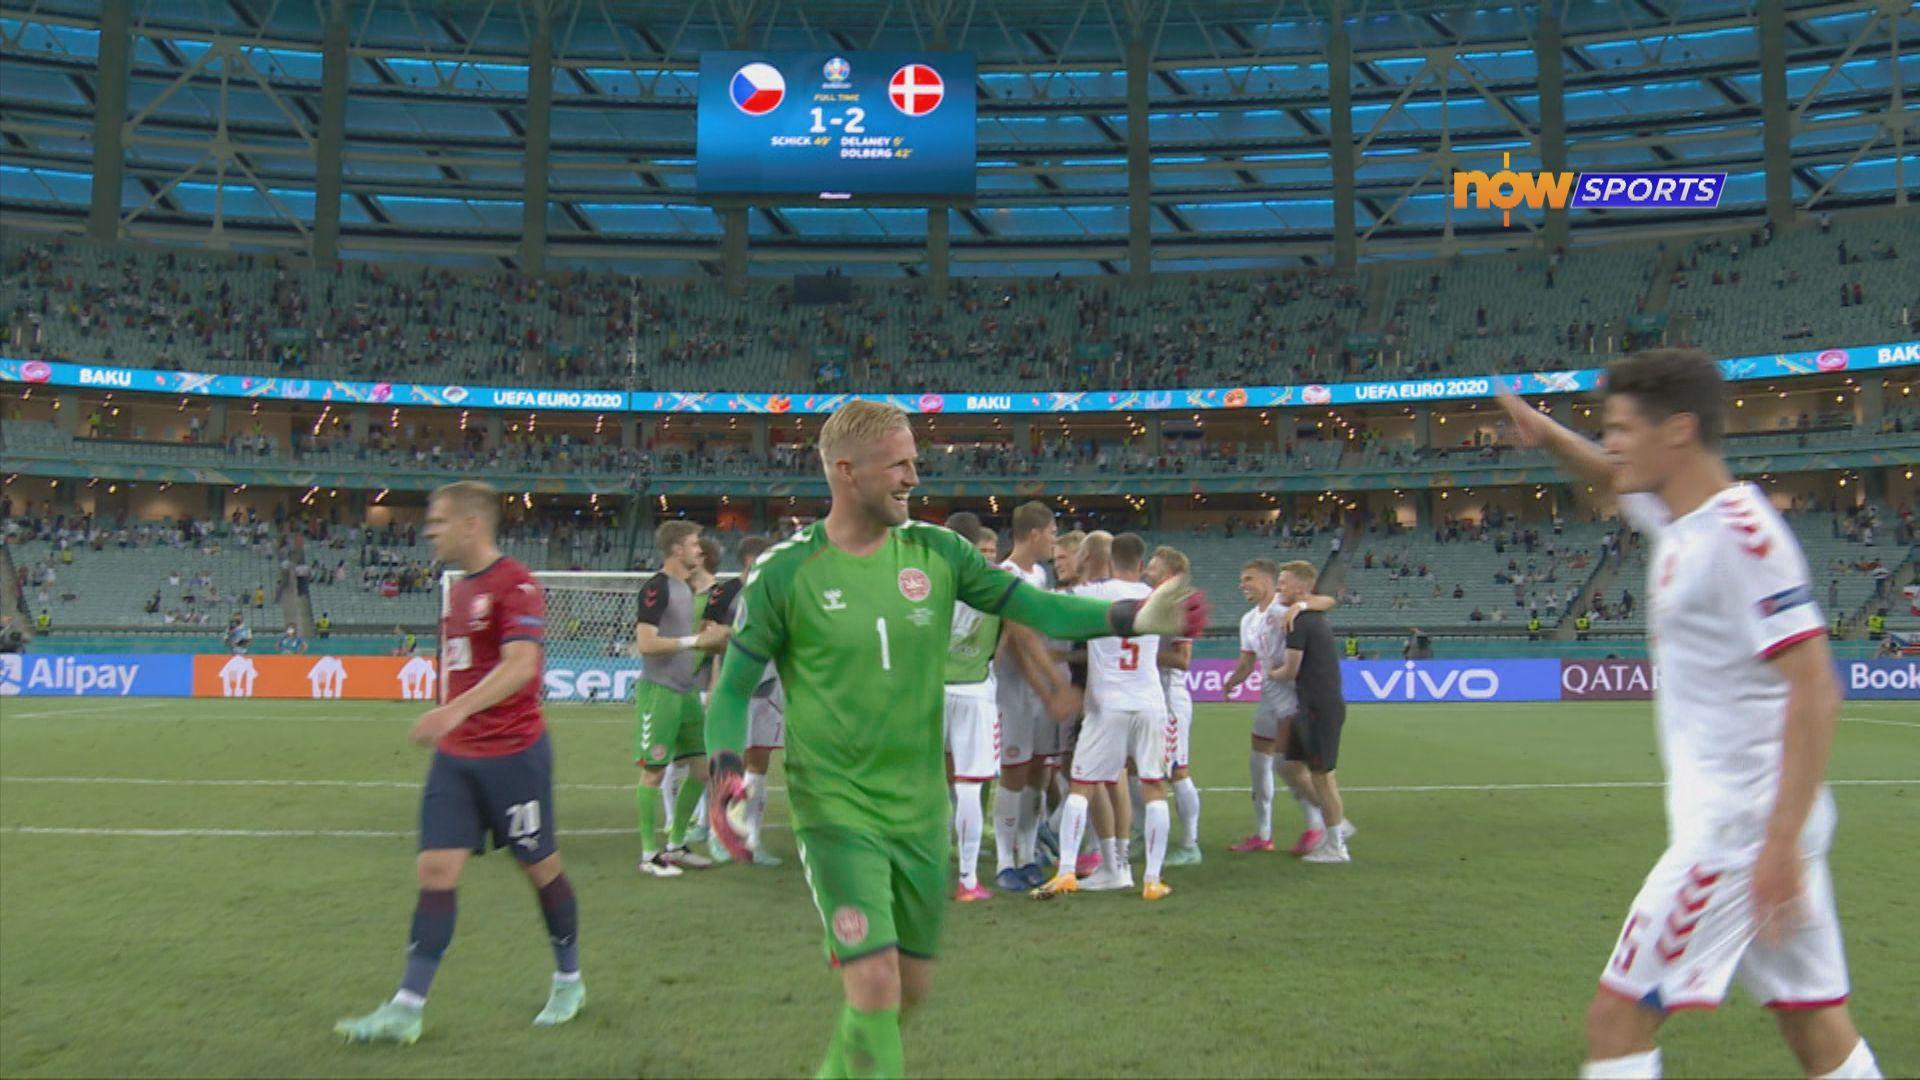 歐國盃 捷克1:2丹麥